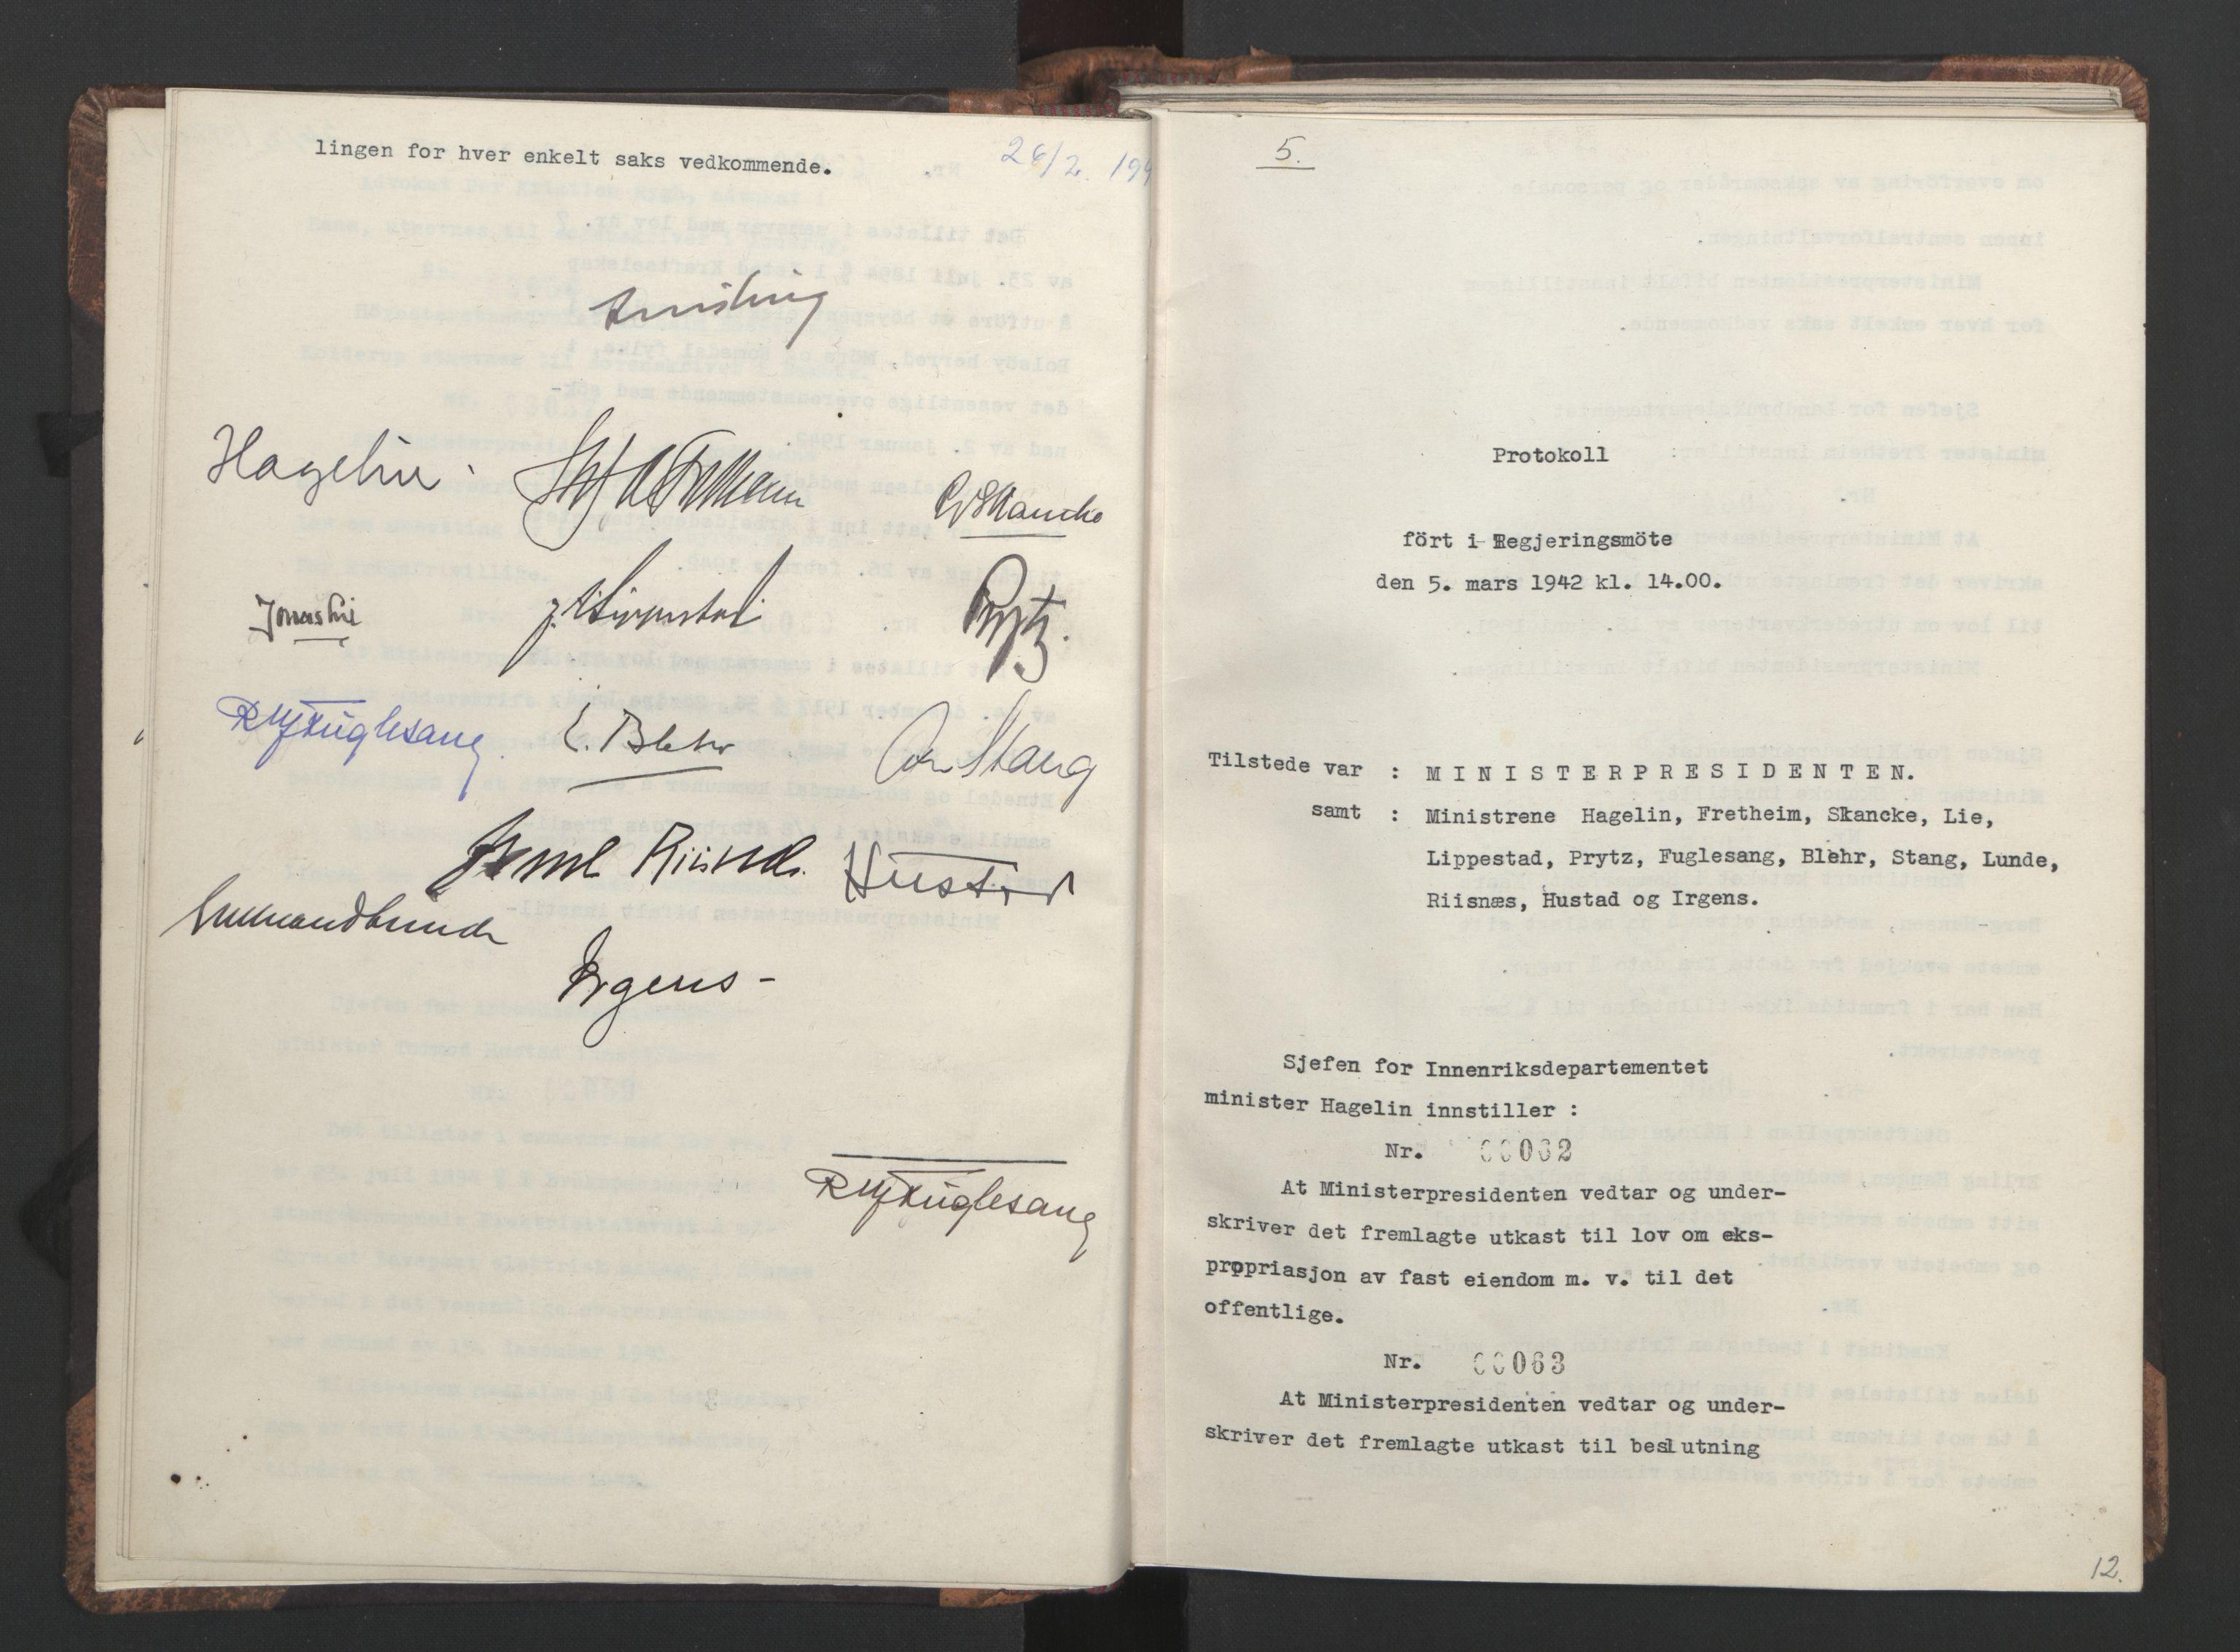 RA, NS-administrasjonen 1940-1945 (Statsrådsekretariatet, de kommisariske statsråder mm), D/Da/L0001: Beslutninger og tillegg (1-952 og 1-32), 1942, s. 11b-12a